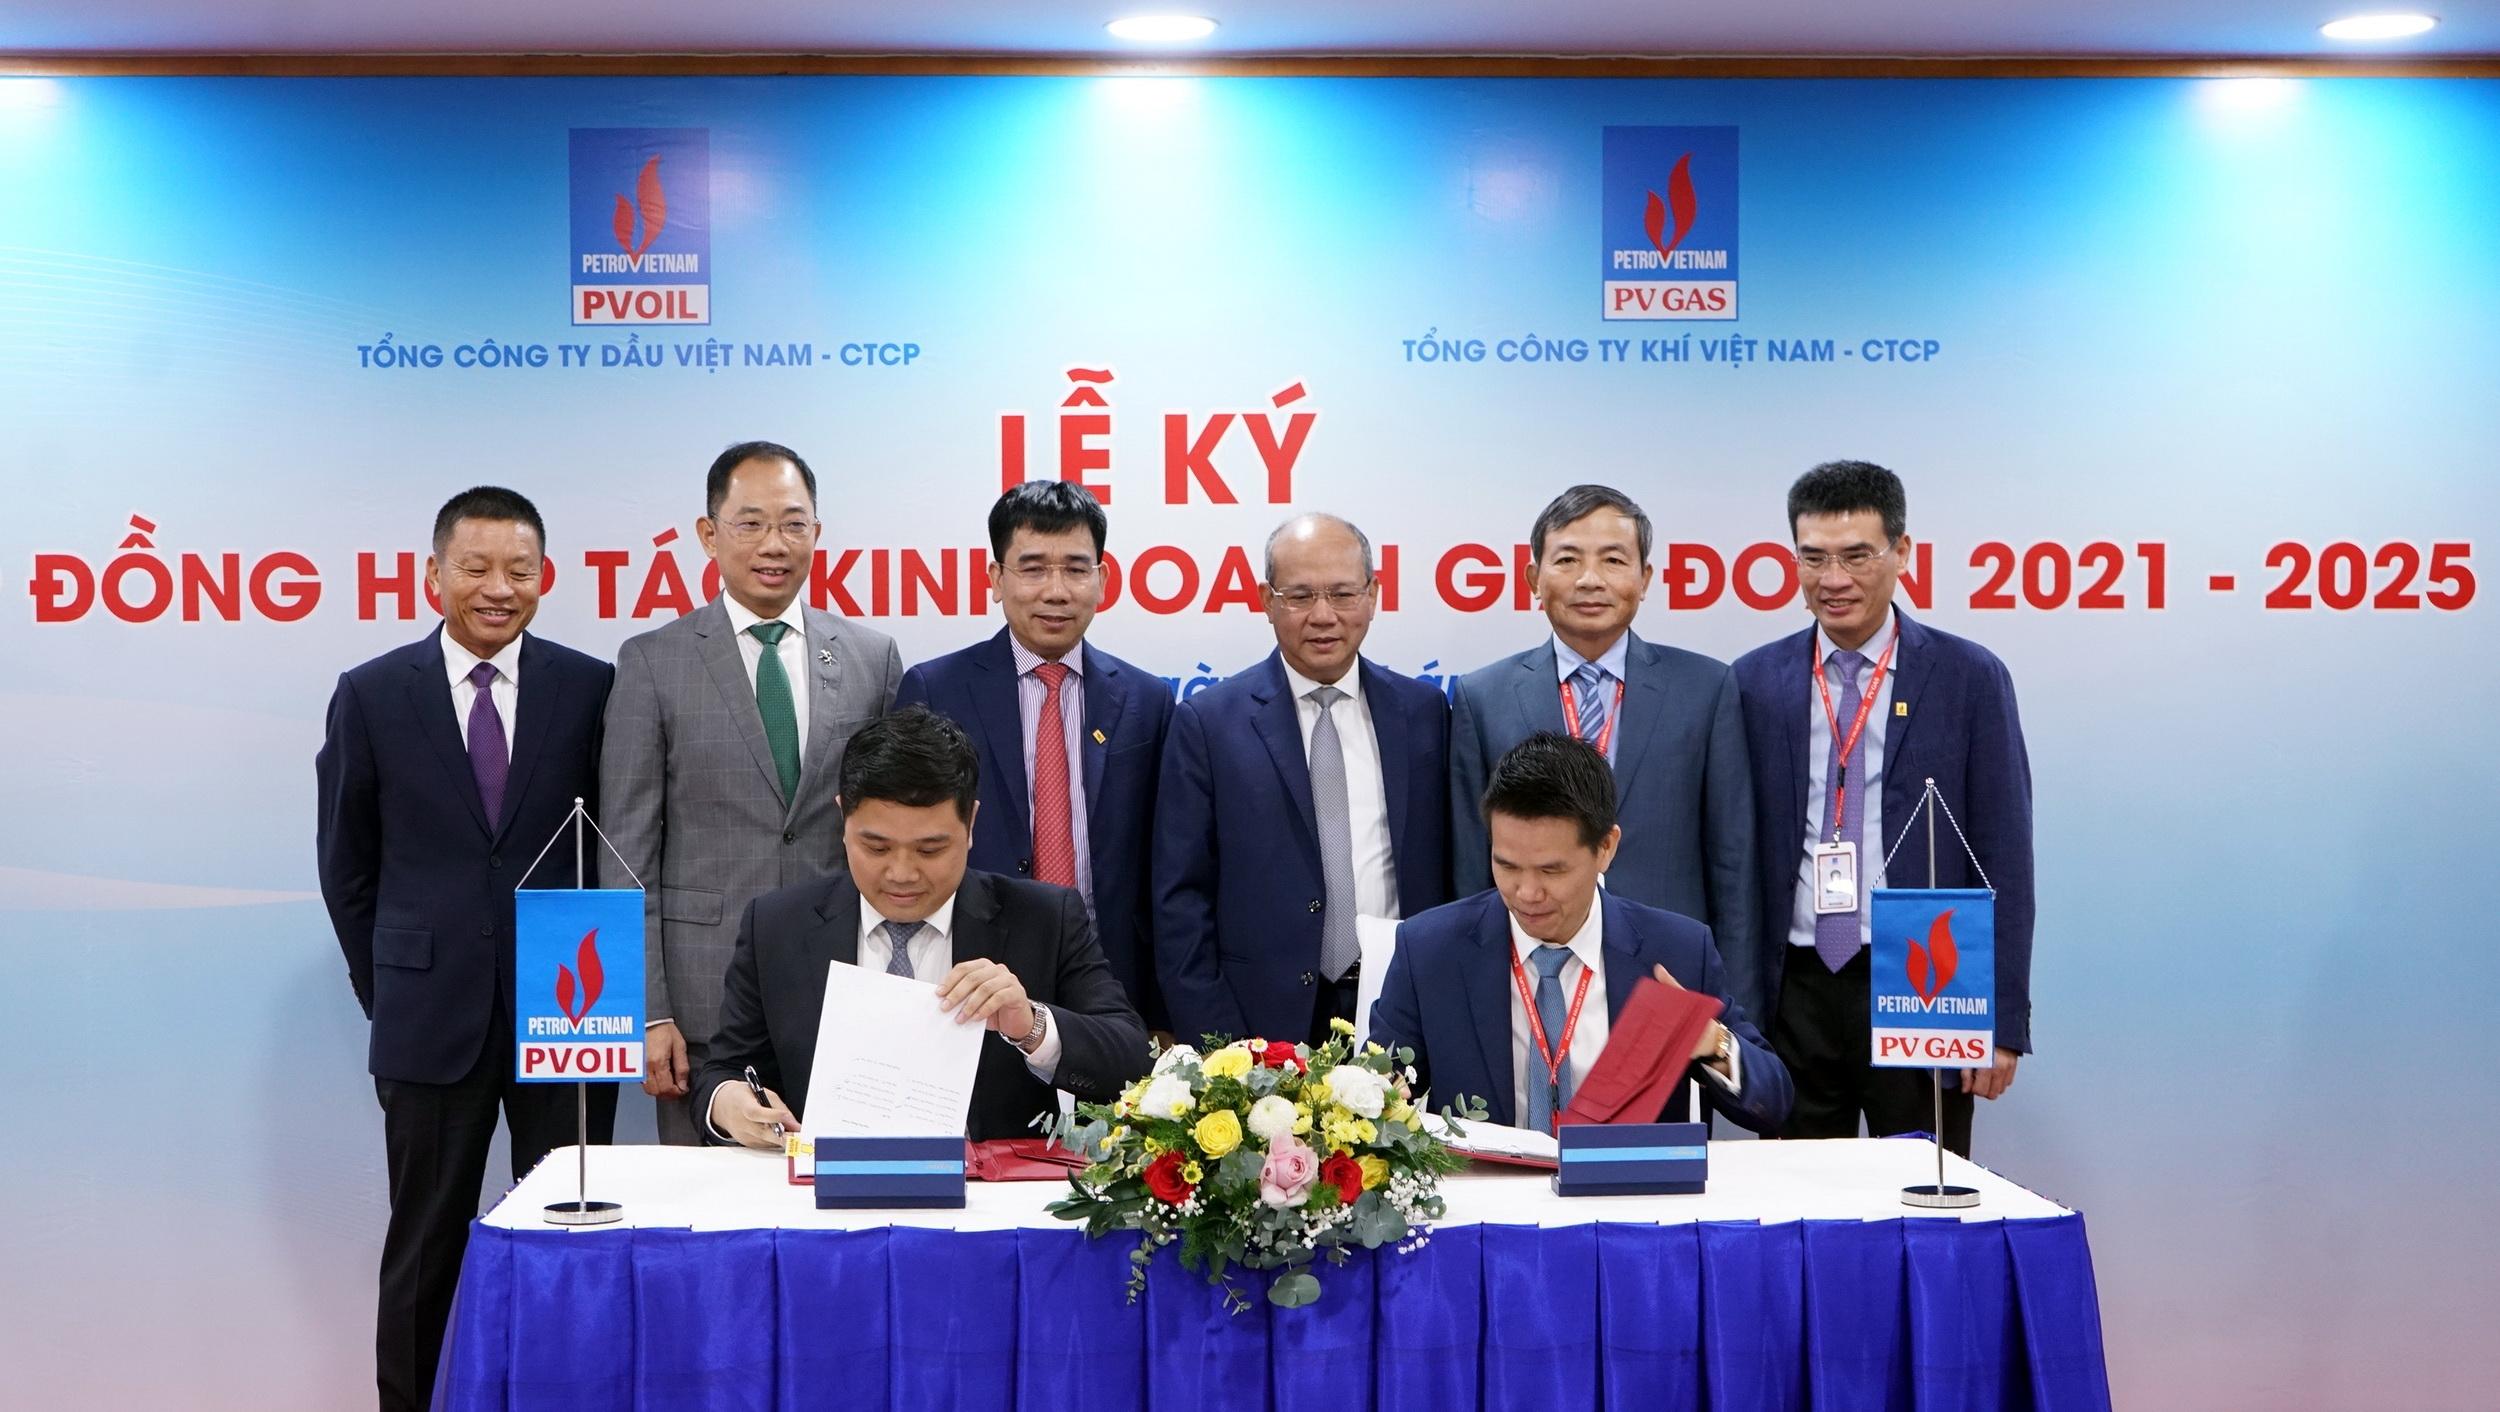 Nghi thức ký kết Hợp đồng Hợp đồng hợp tác kinh doanh giai đoạn 2021-2025